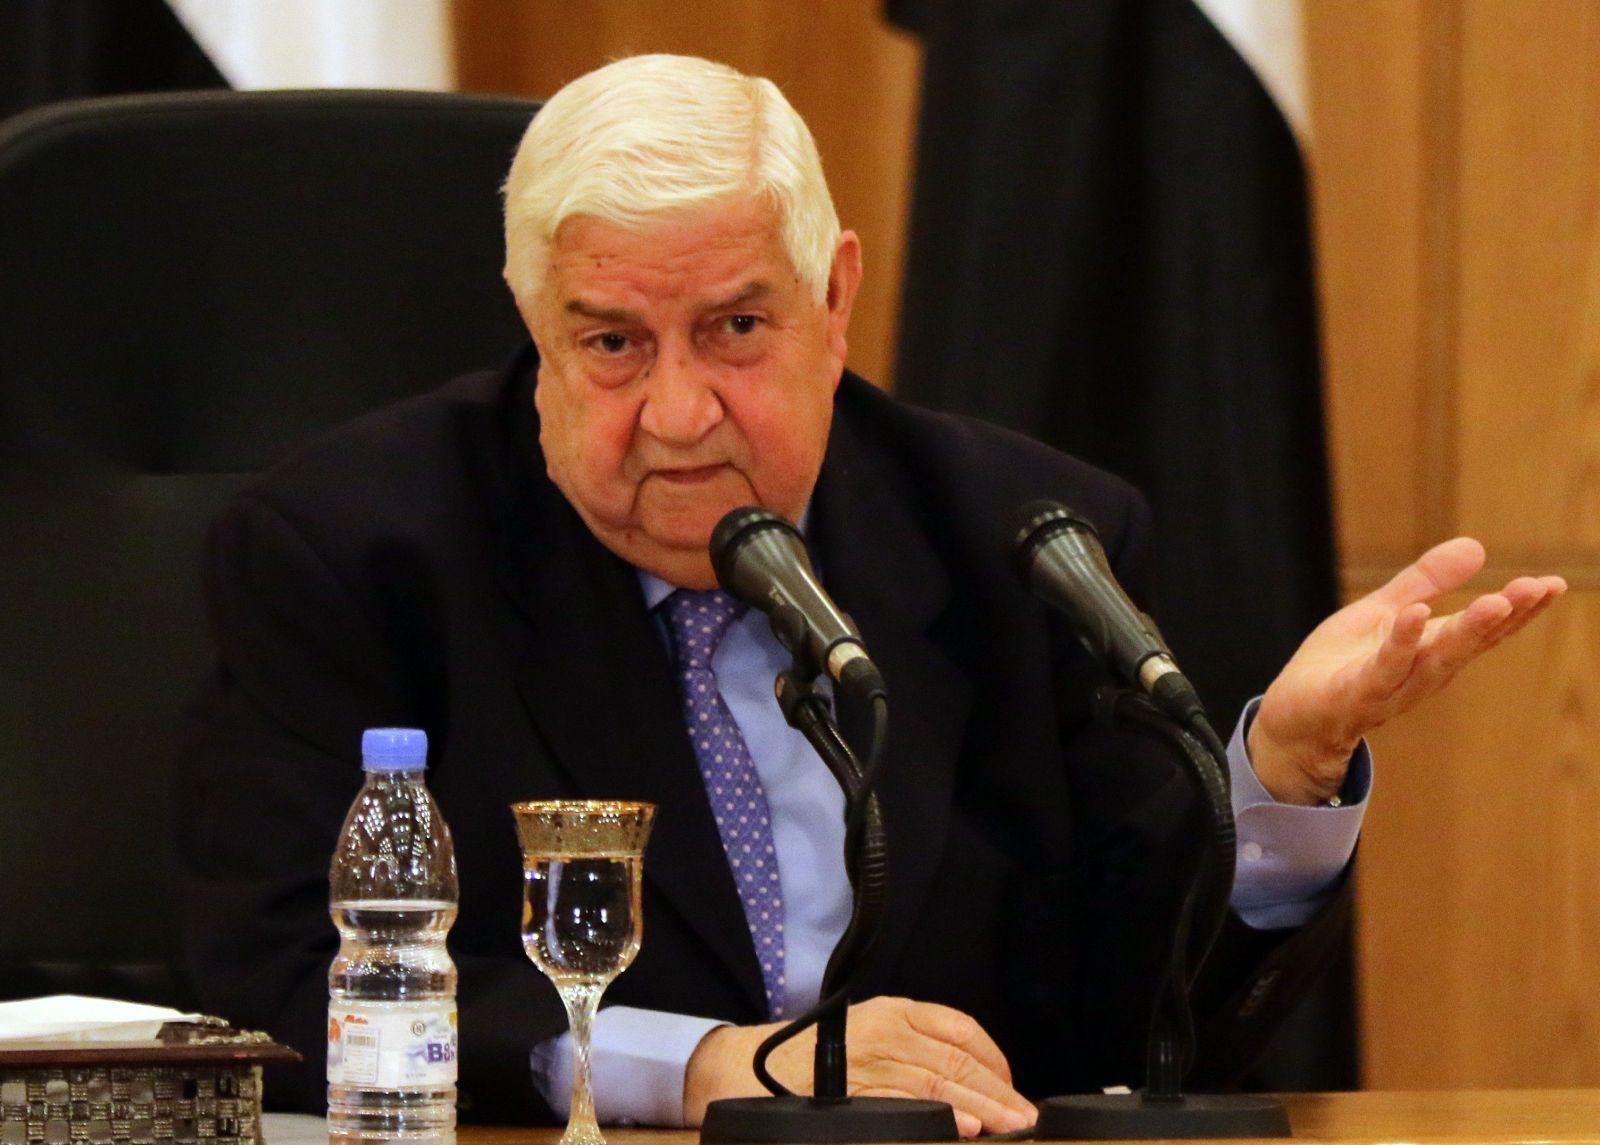 المعلم خلال مؤتمره الصحفي في دمشق اليوم (رويترز)